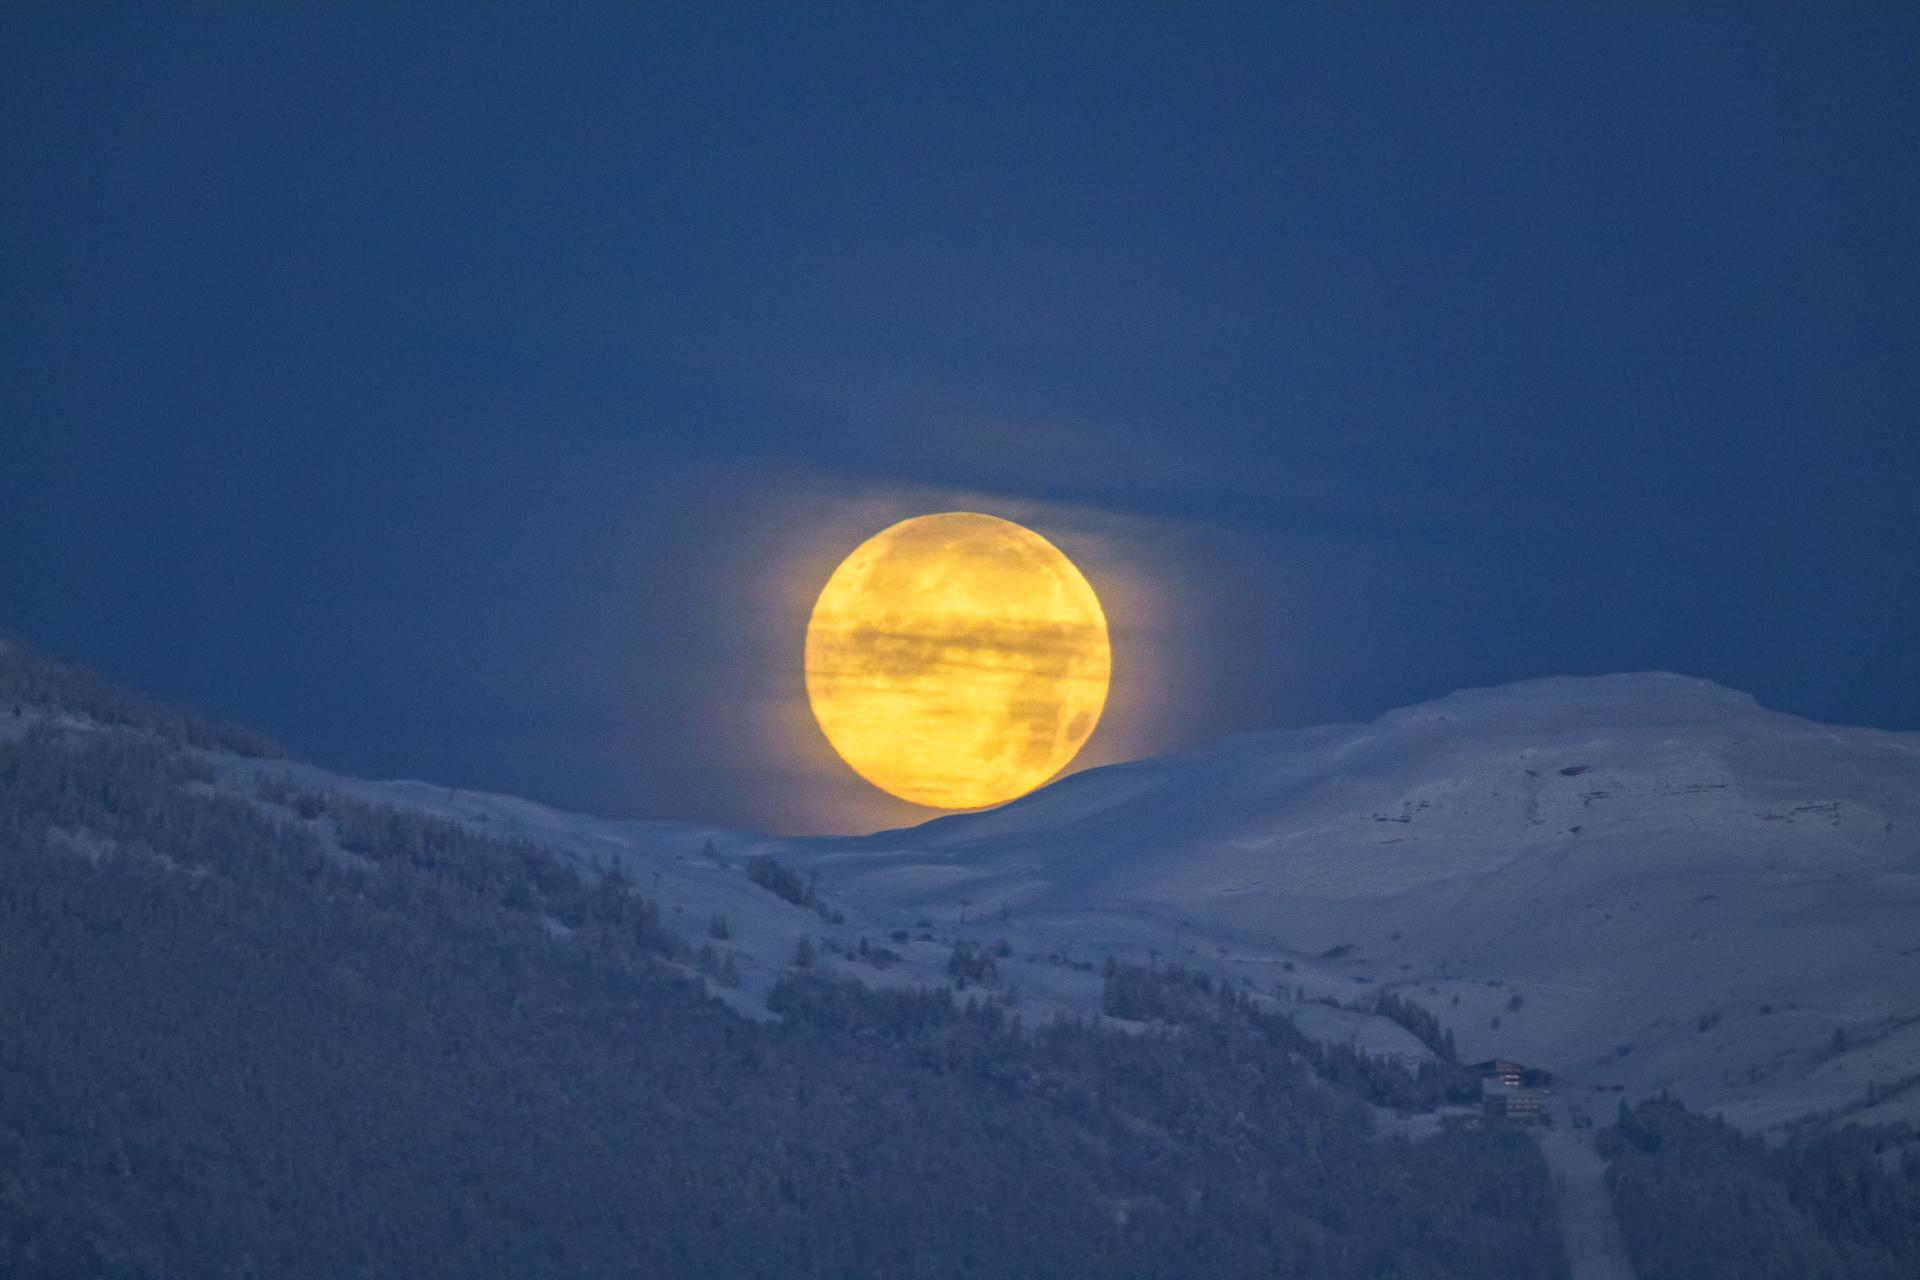 La Lune a rendez-vous...